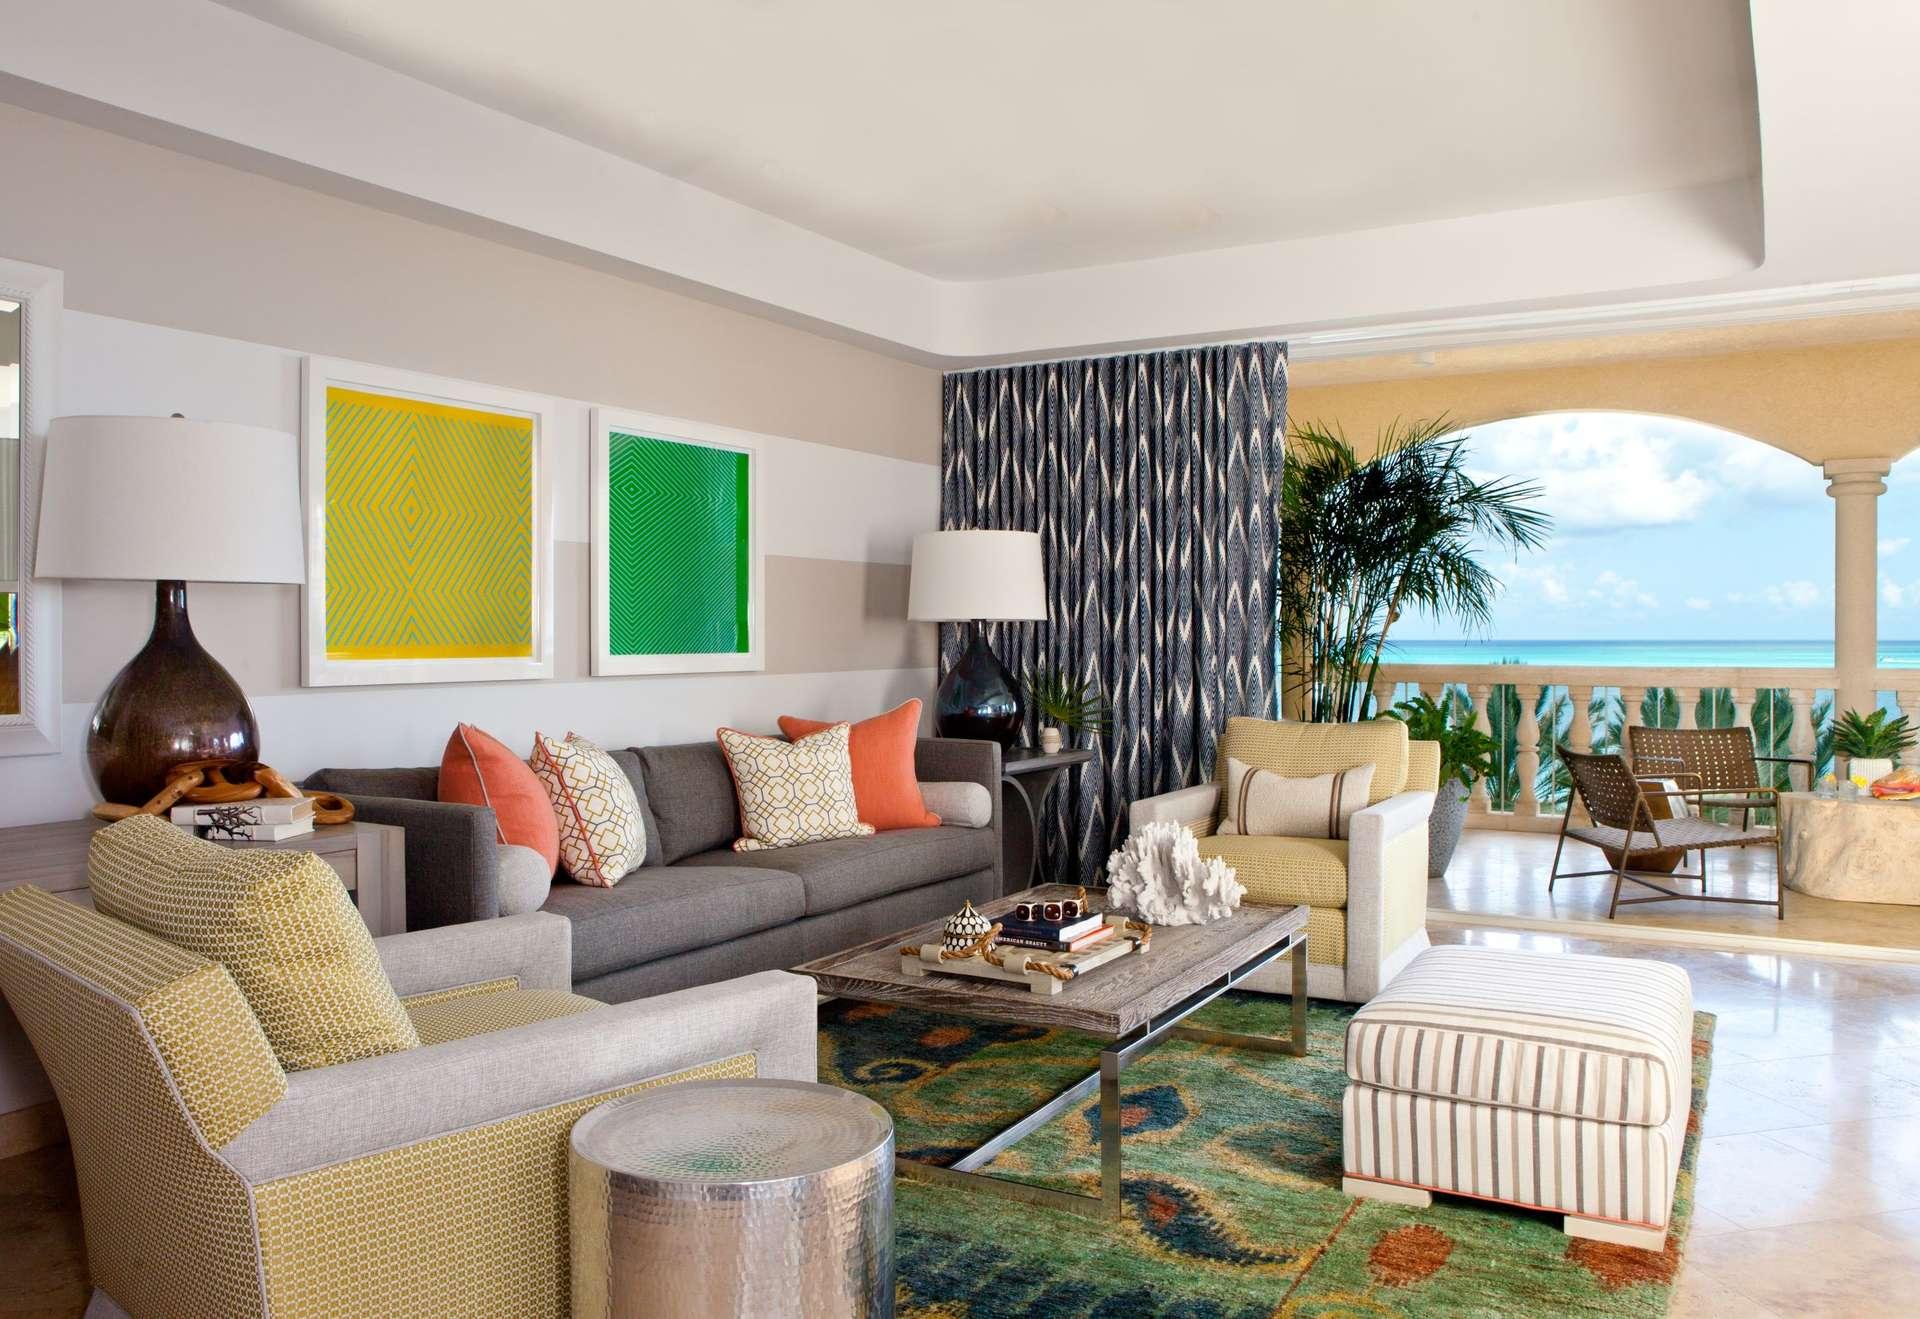 Luxury villa rentals caribbean - Turks and caicos - Providenciales - Grace bay club - Villas One Bedroom Suite - Image 1/8